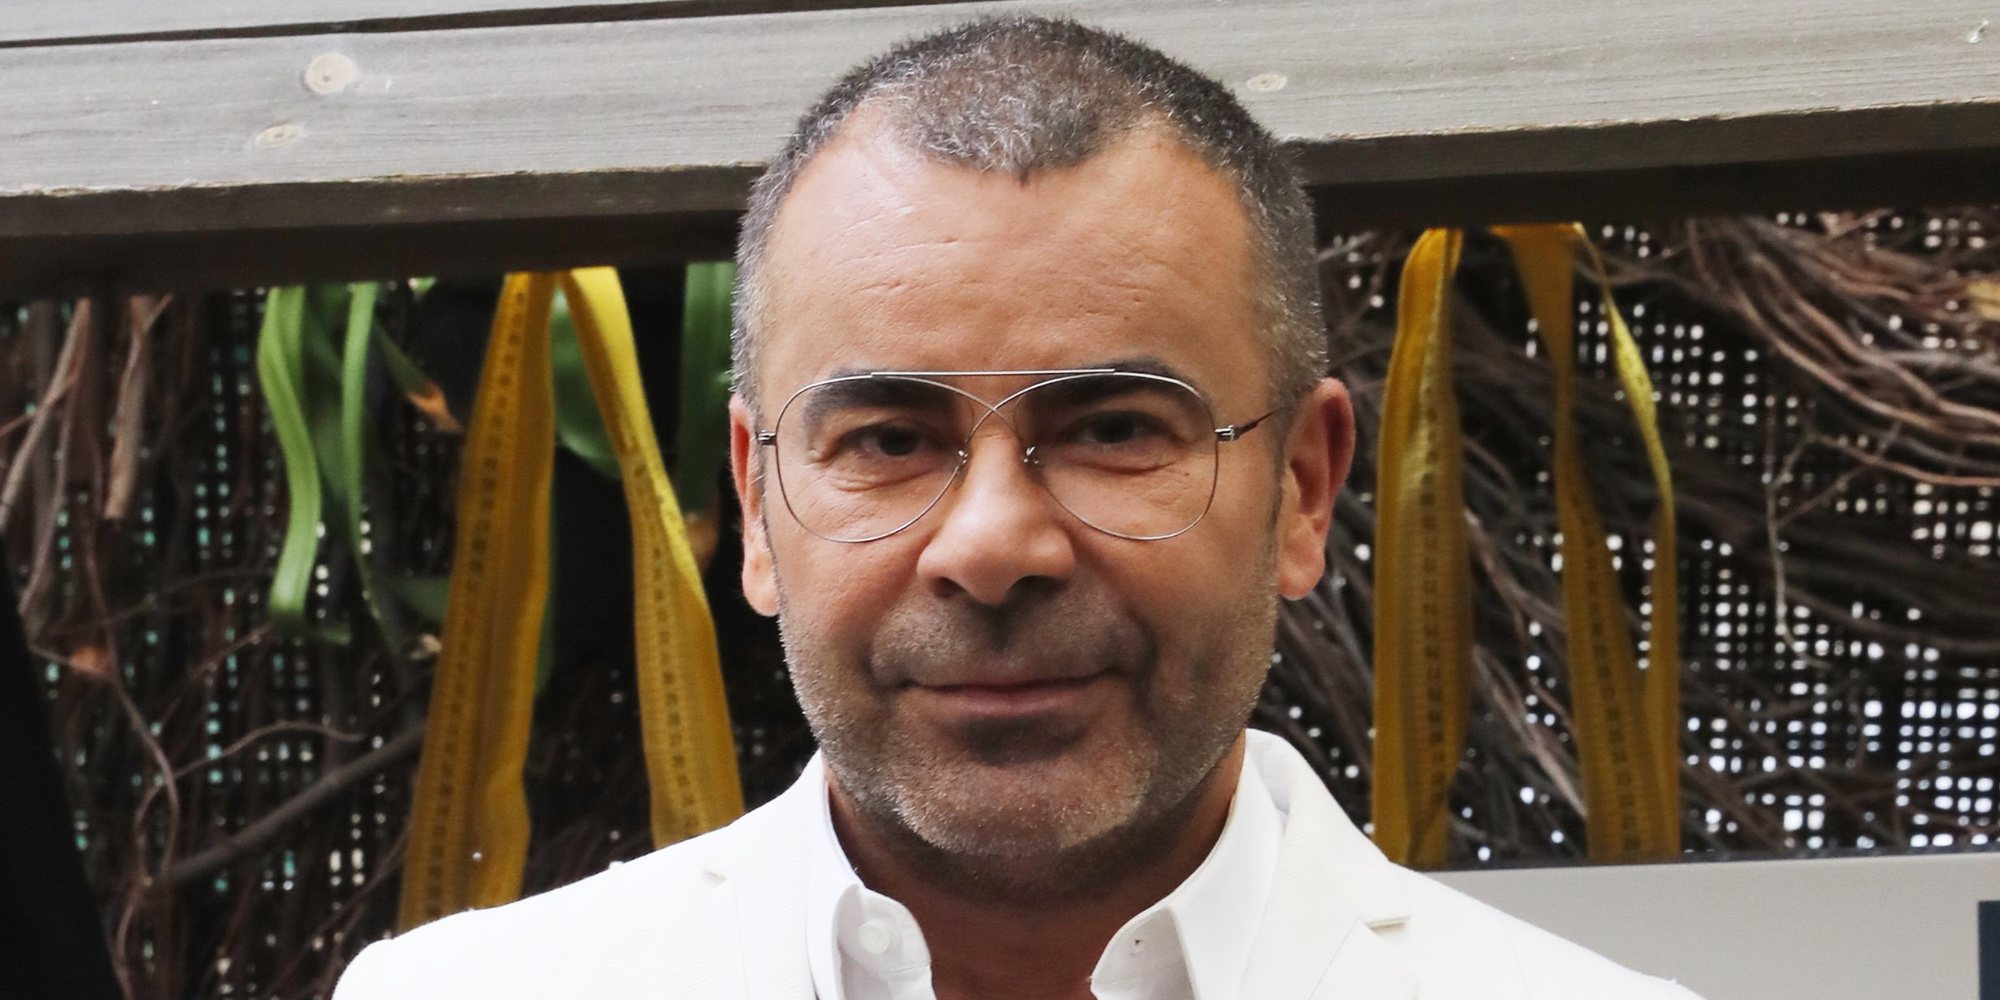 Jorge Javier Vázquez revela que se irá de vacaciones con su exnovio Paco